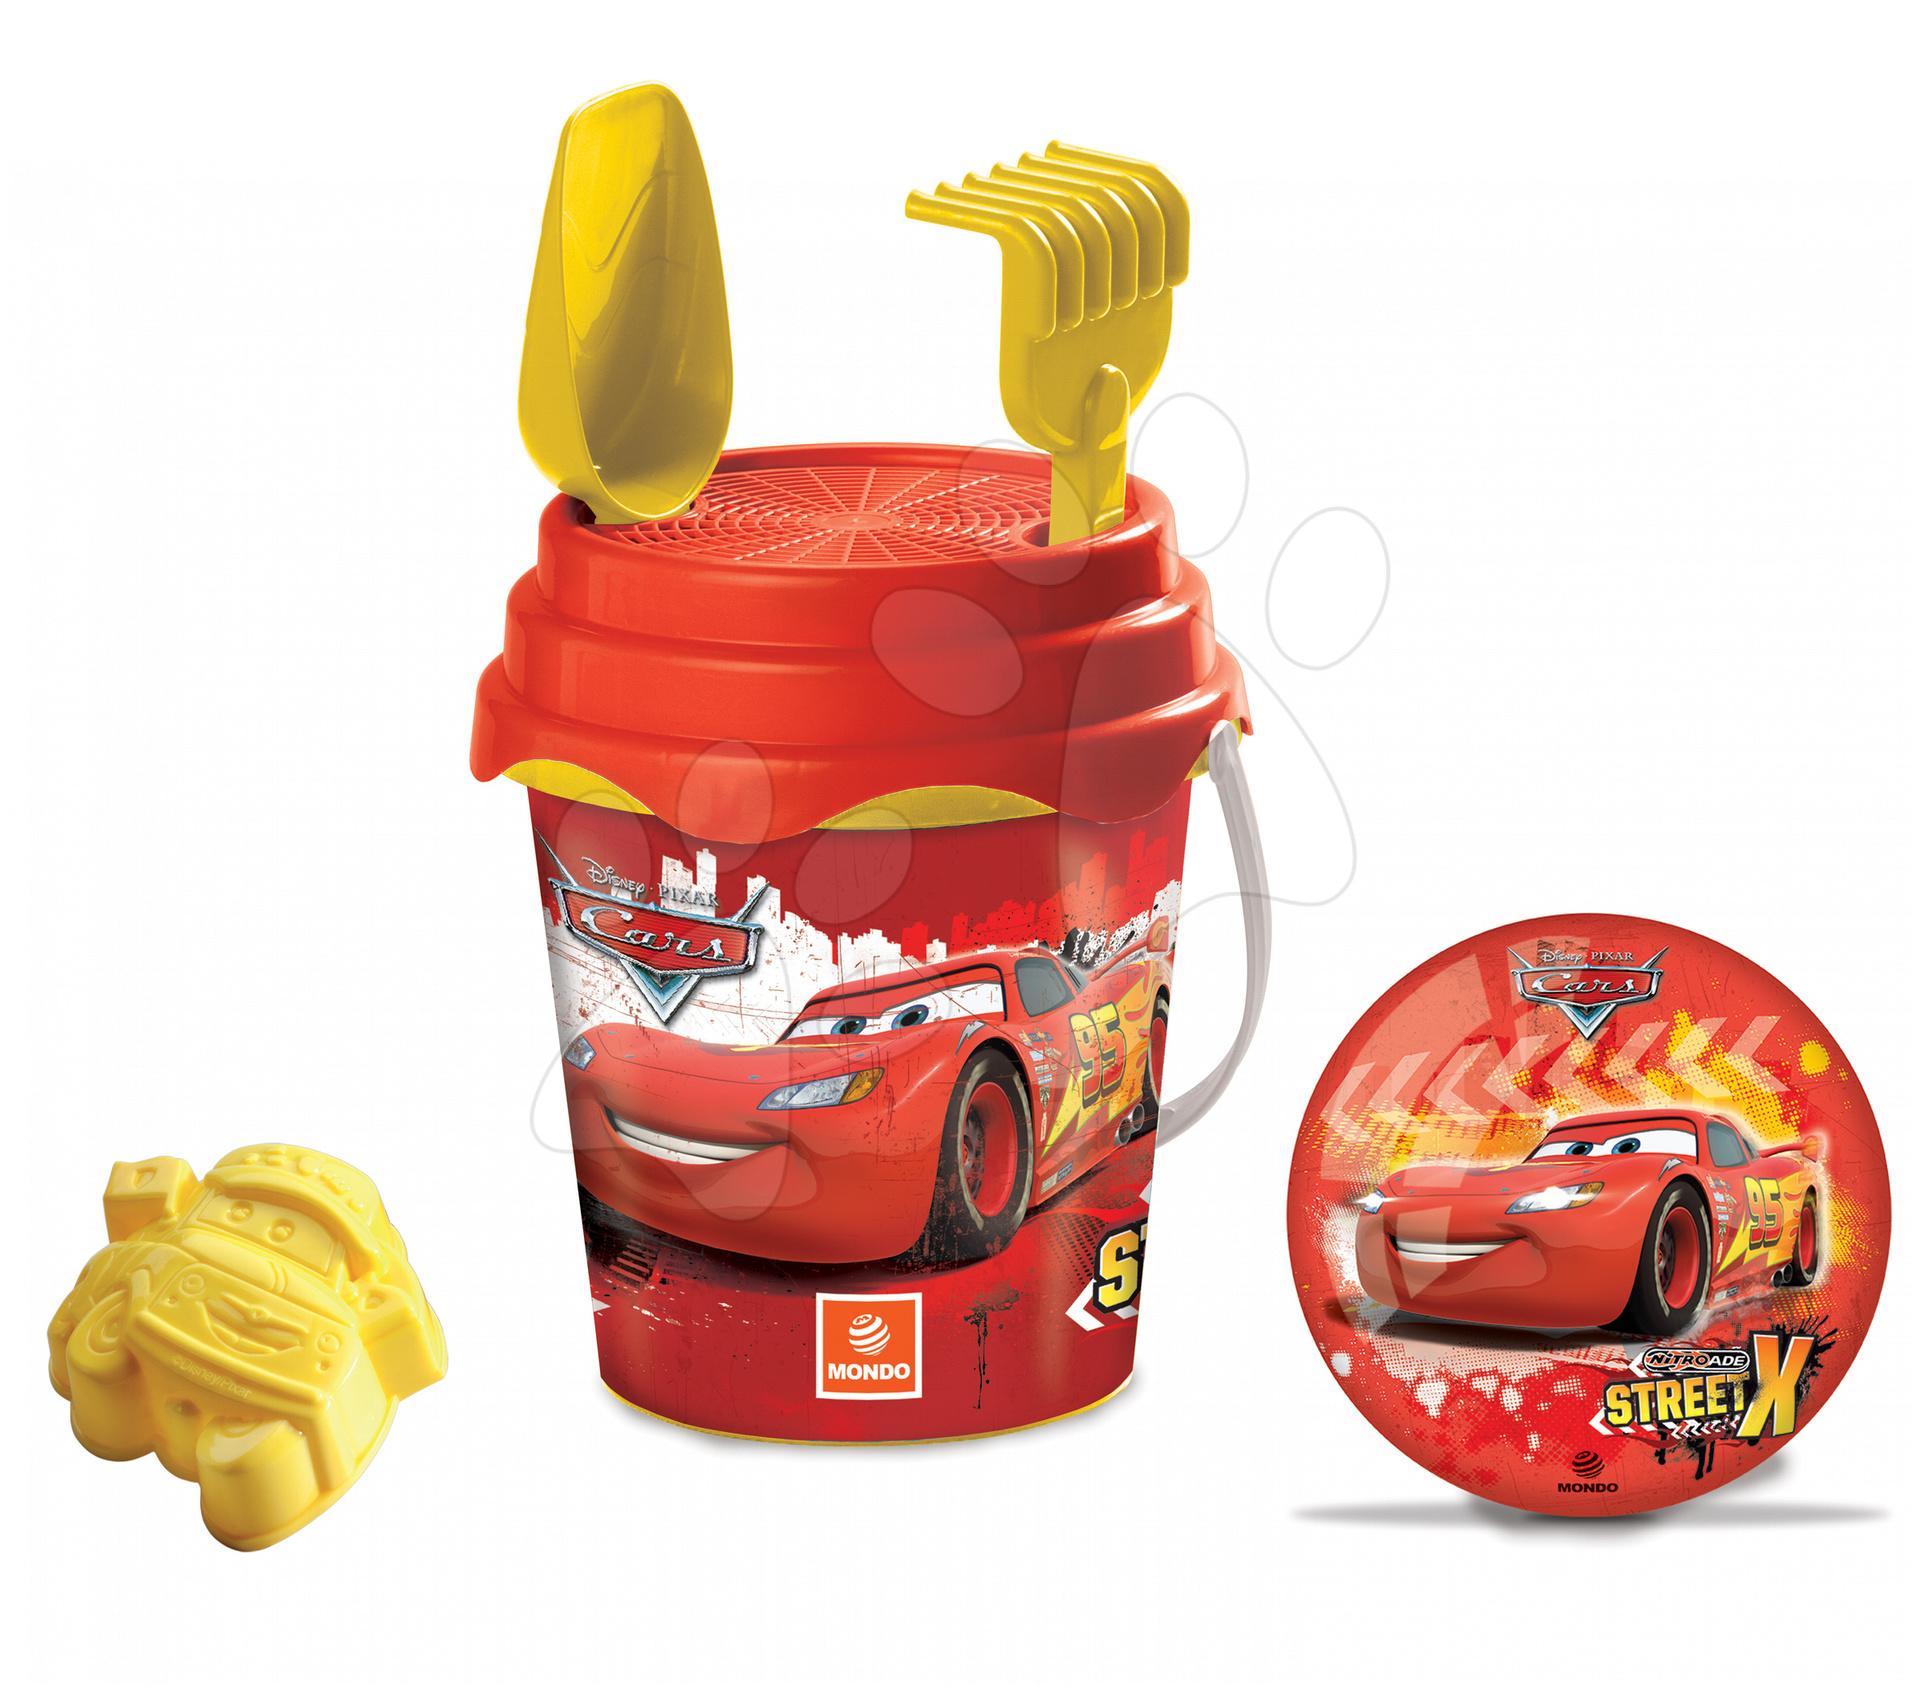 Vedro set s loptou Cars Mondo 5 dielov (výška vedierka 17 cm)